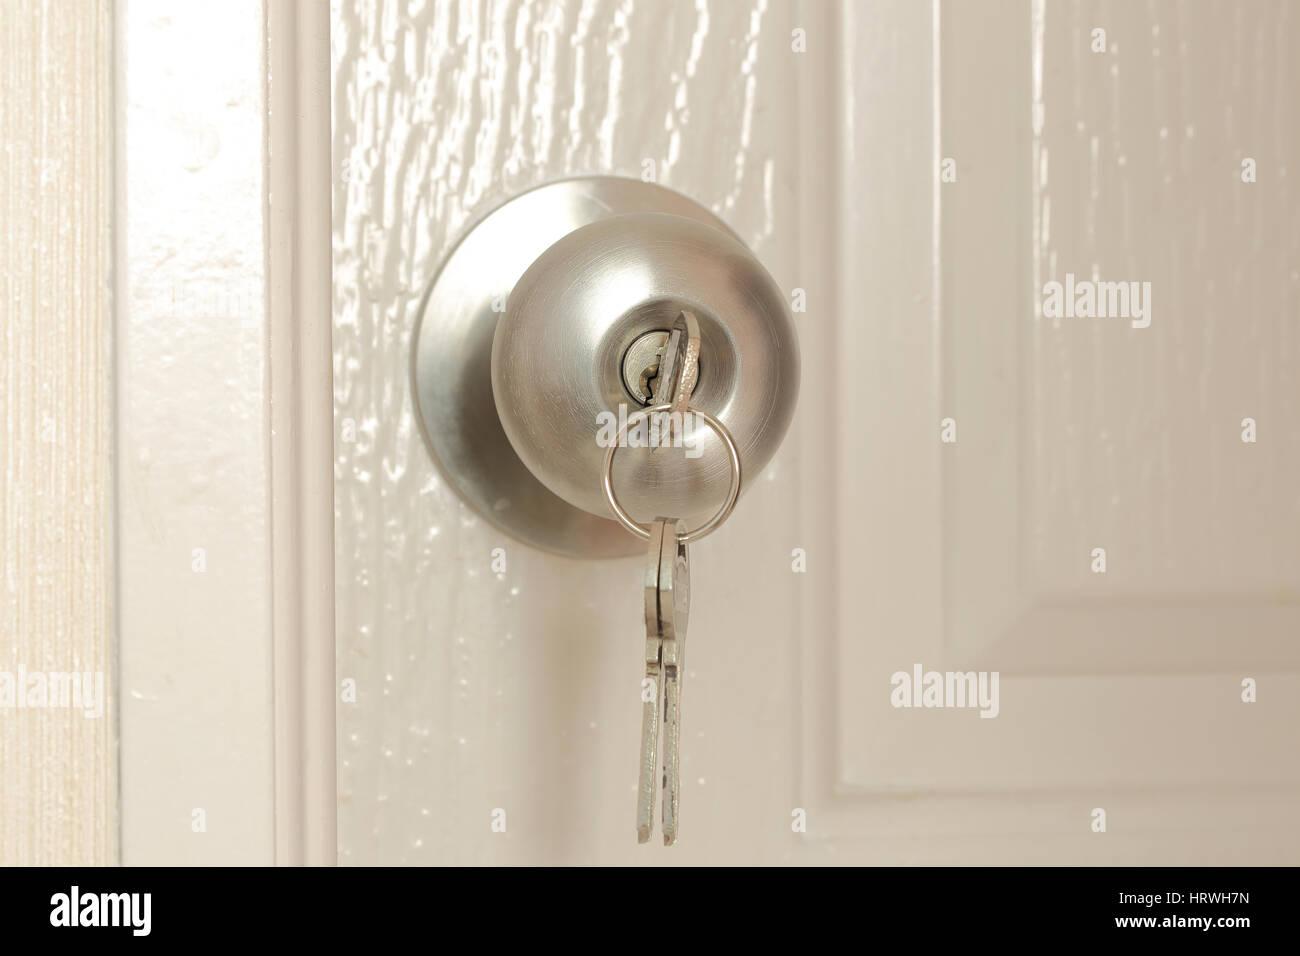 Insertar la clave para desbloquear en acero inoxidable balón redondo pomo de puerta Foto de stock